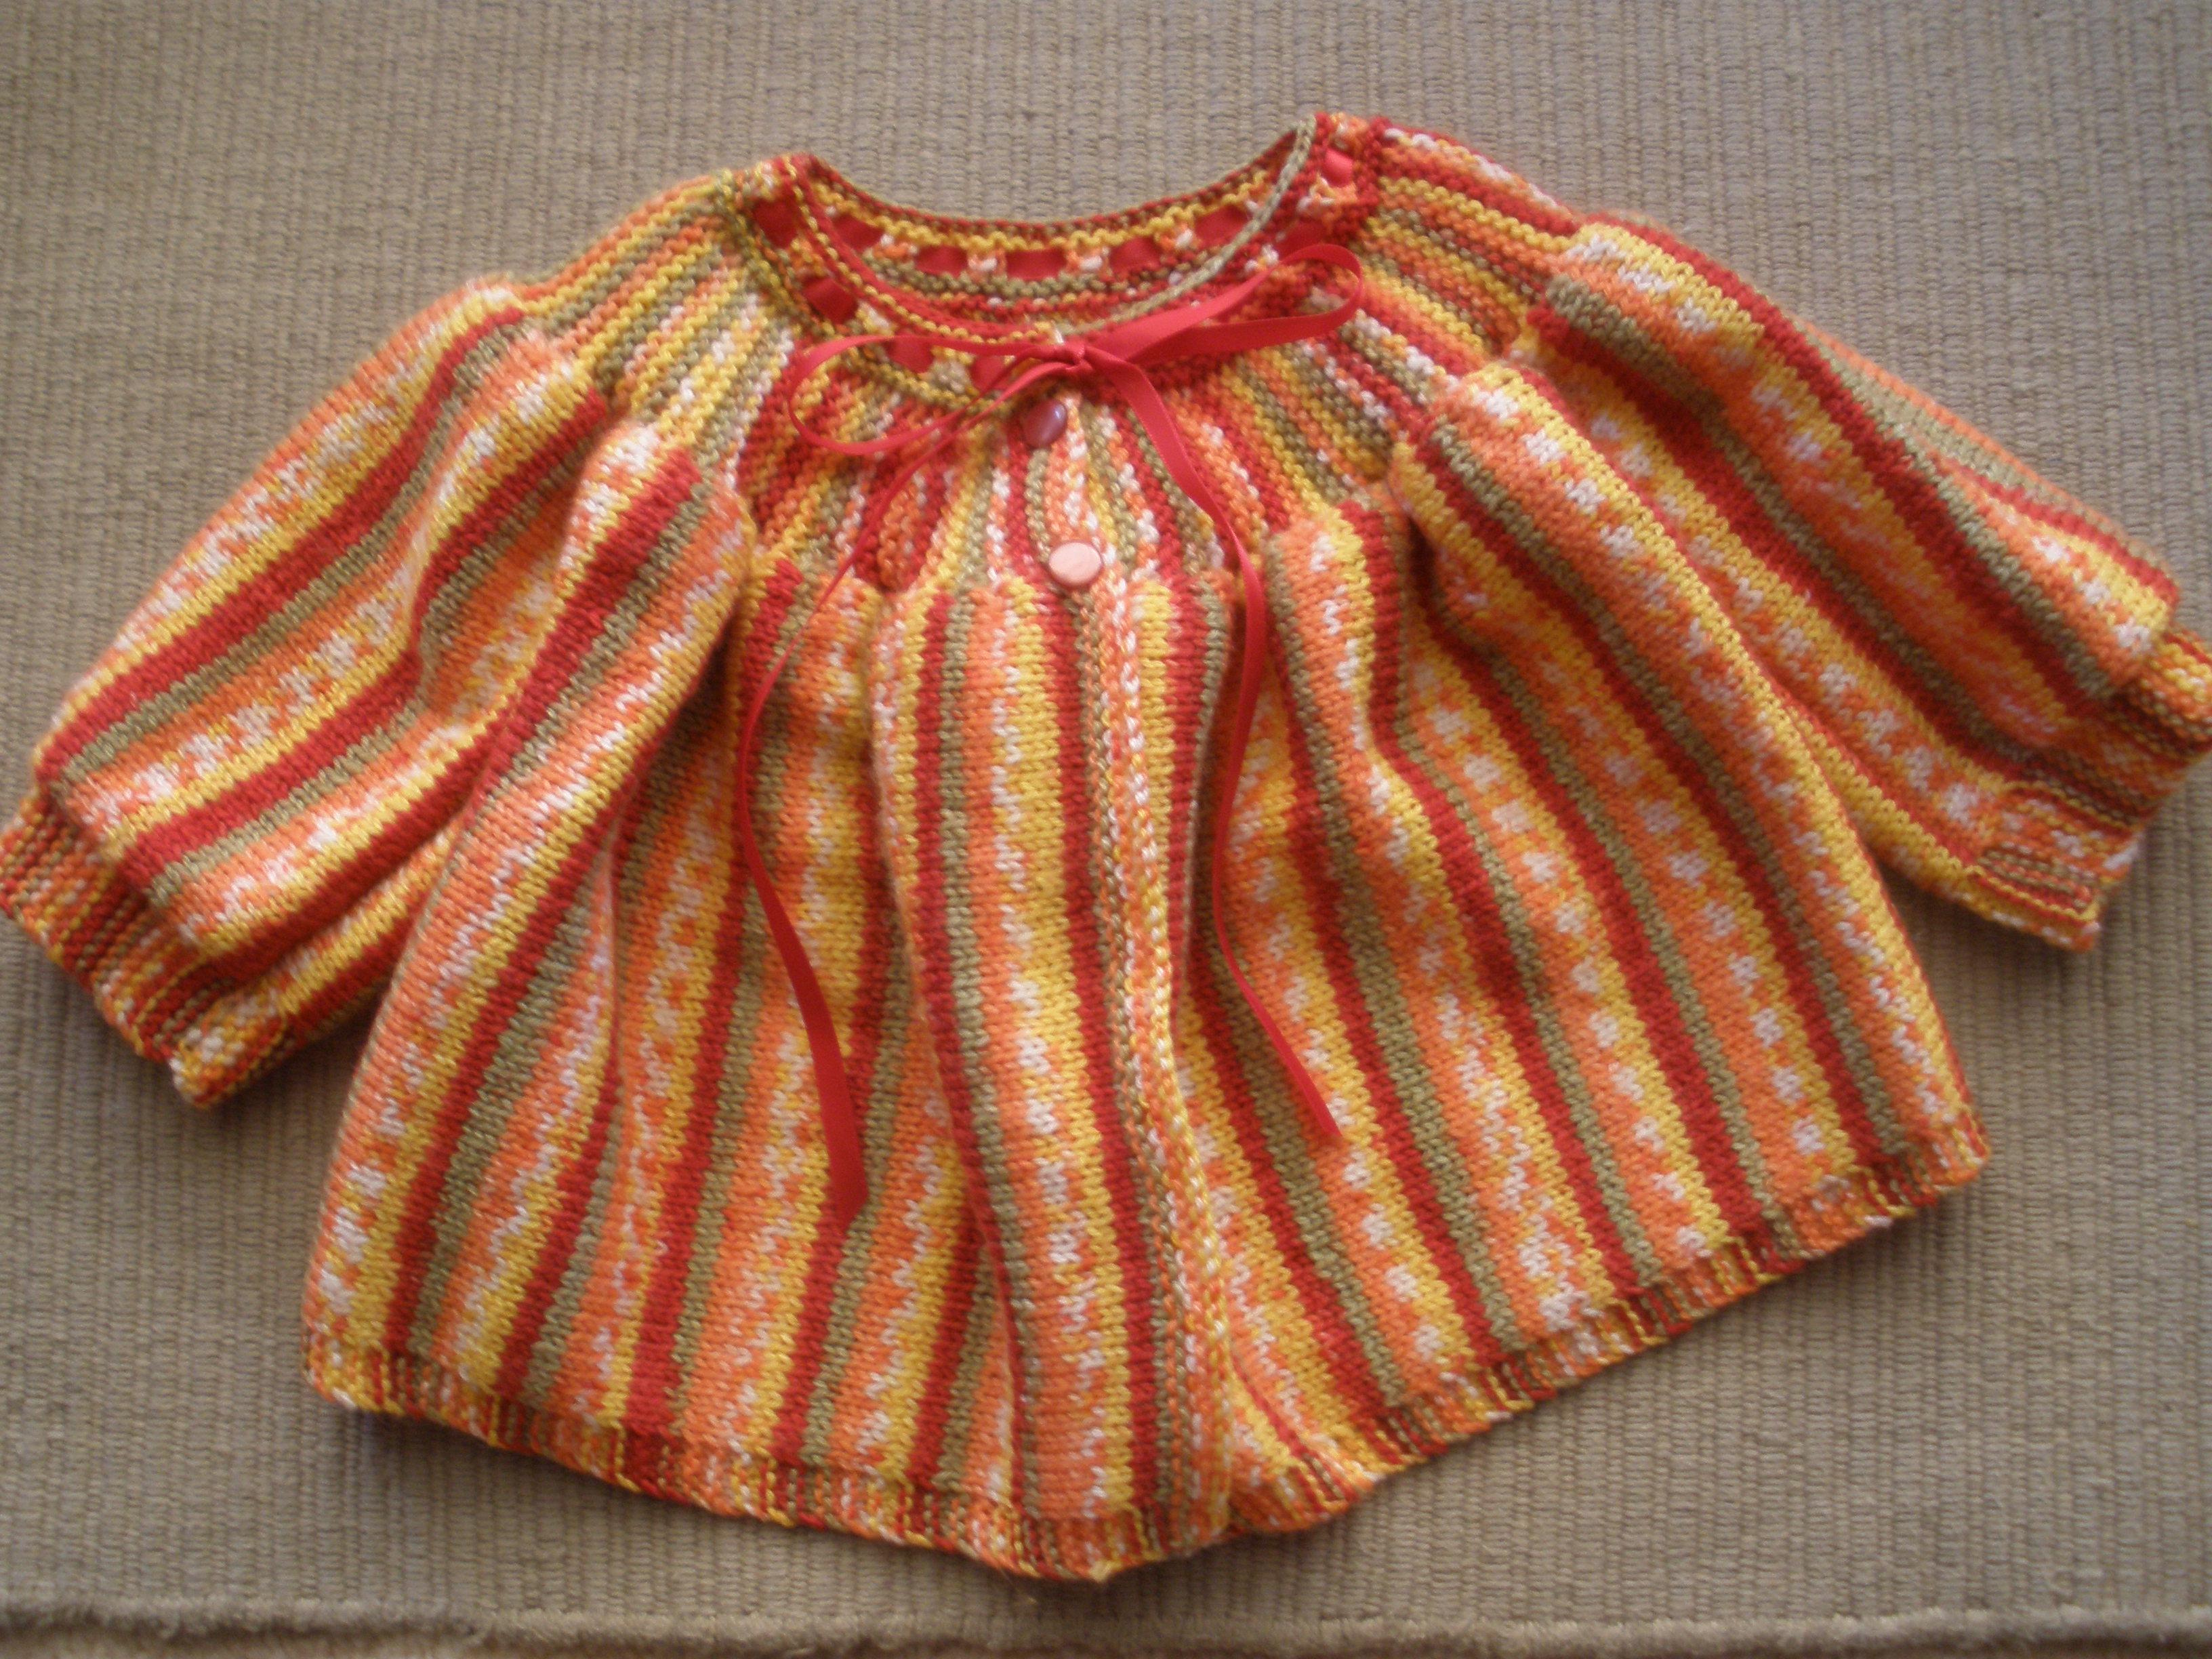 Knitted Baby Jackets Free Patterns : Free baby yoke jacket knitting pattern Gippsland Granny